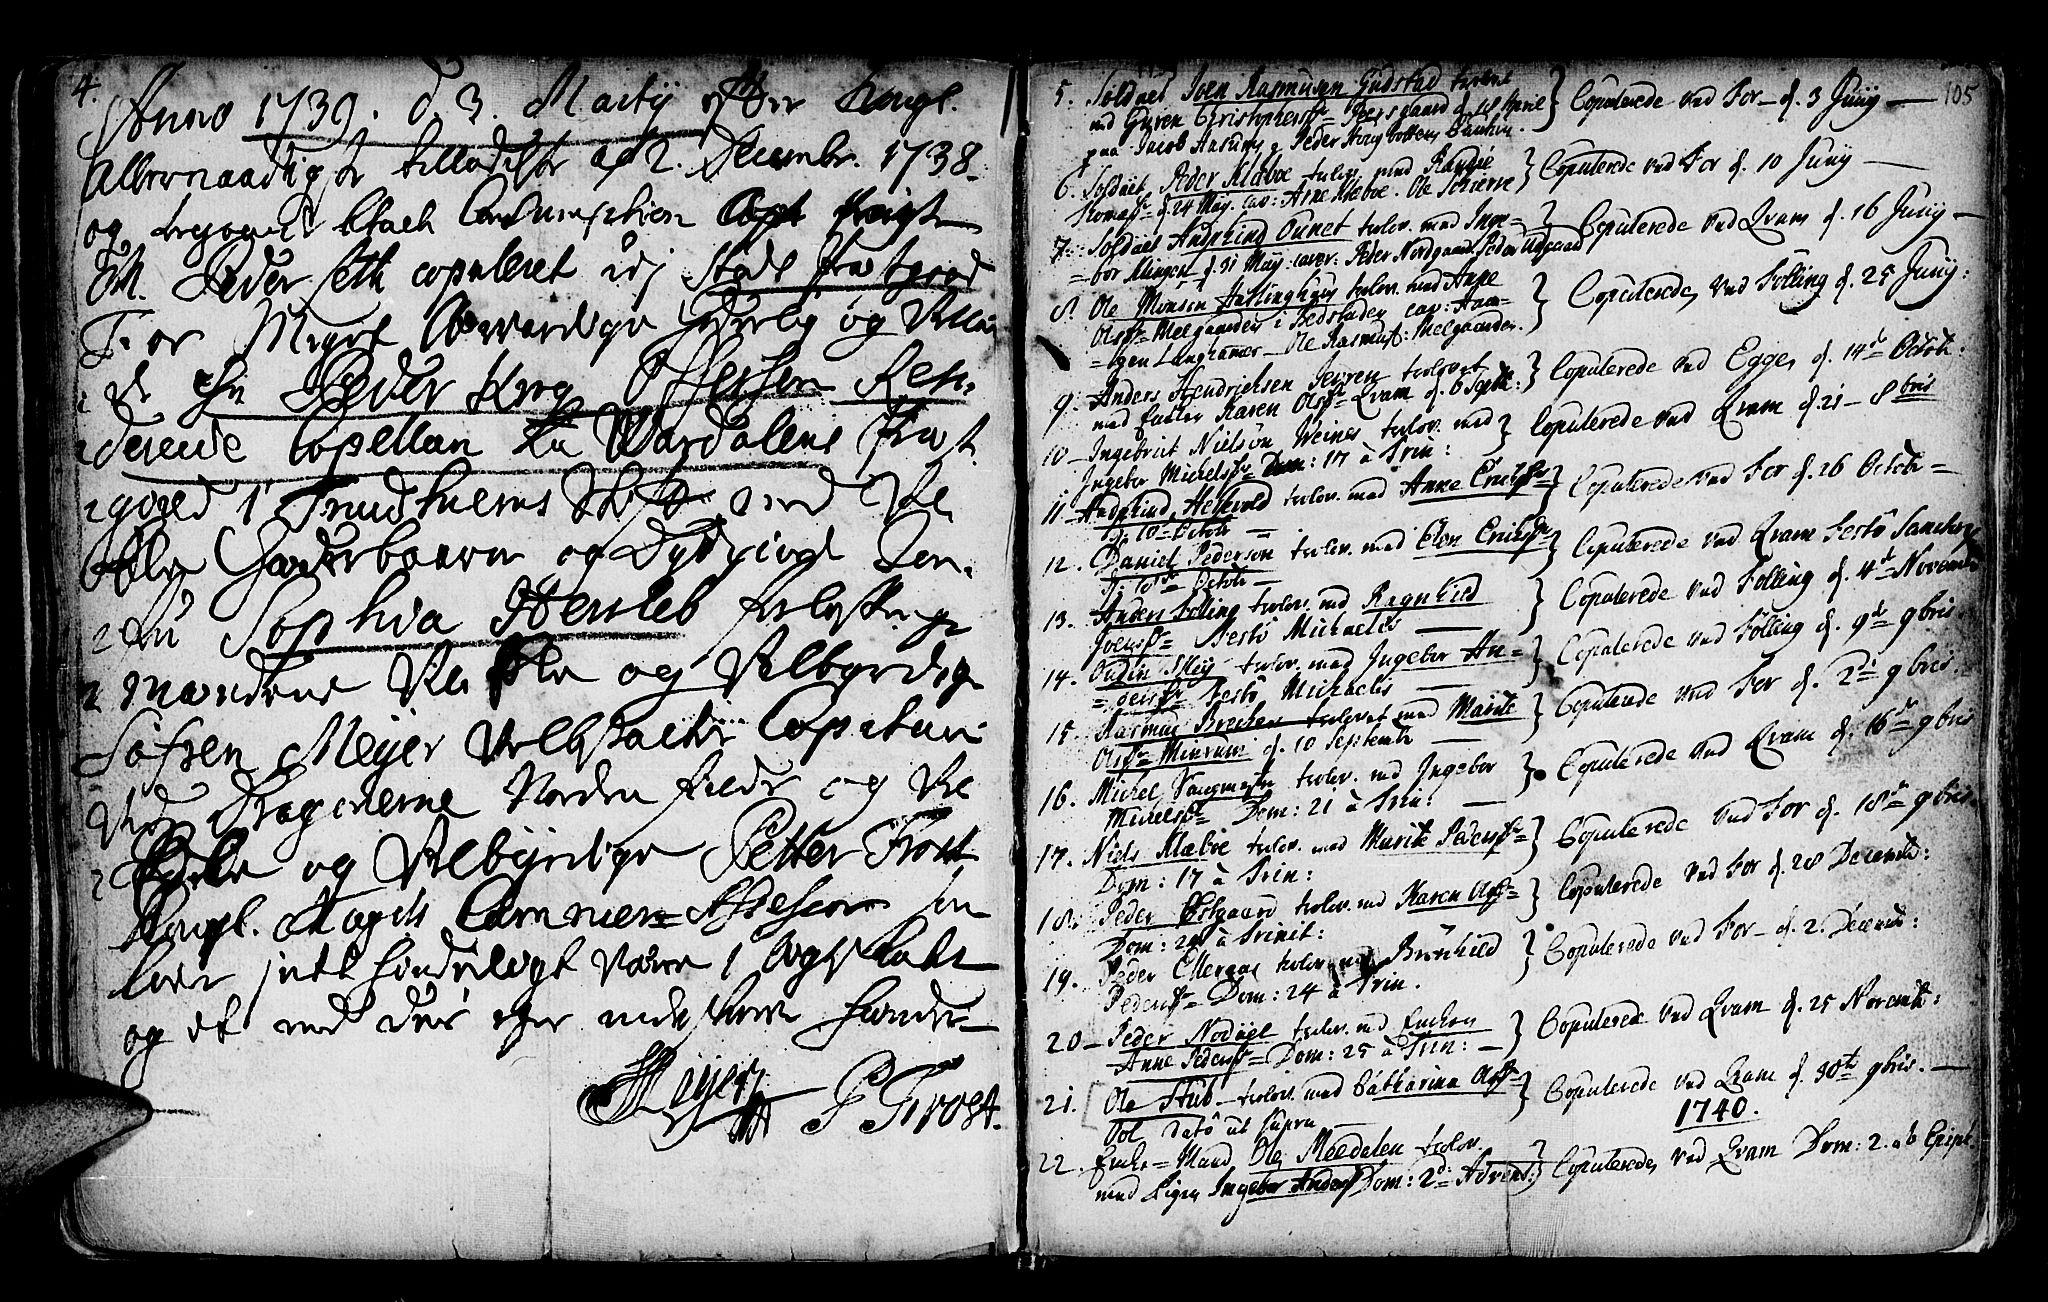 SAT, Ministerialprotokoller, klokkerbøker og fødselsregistre - Nord-Trøndelag, 746/L0439: Ministerialbok nr. 746A01, 1688-1759, s. 105